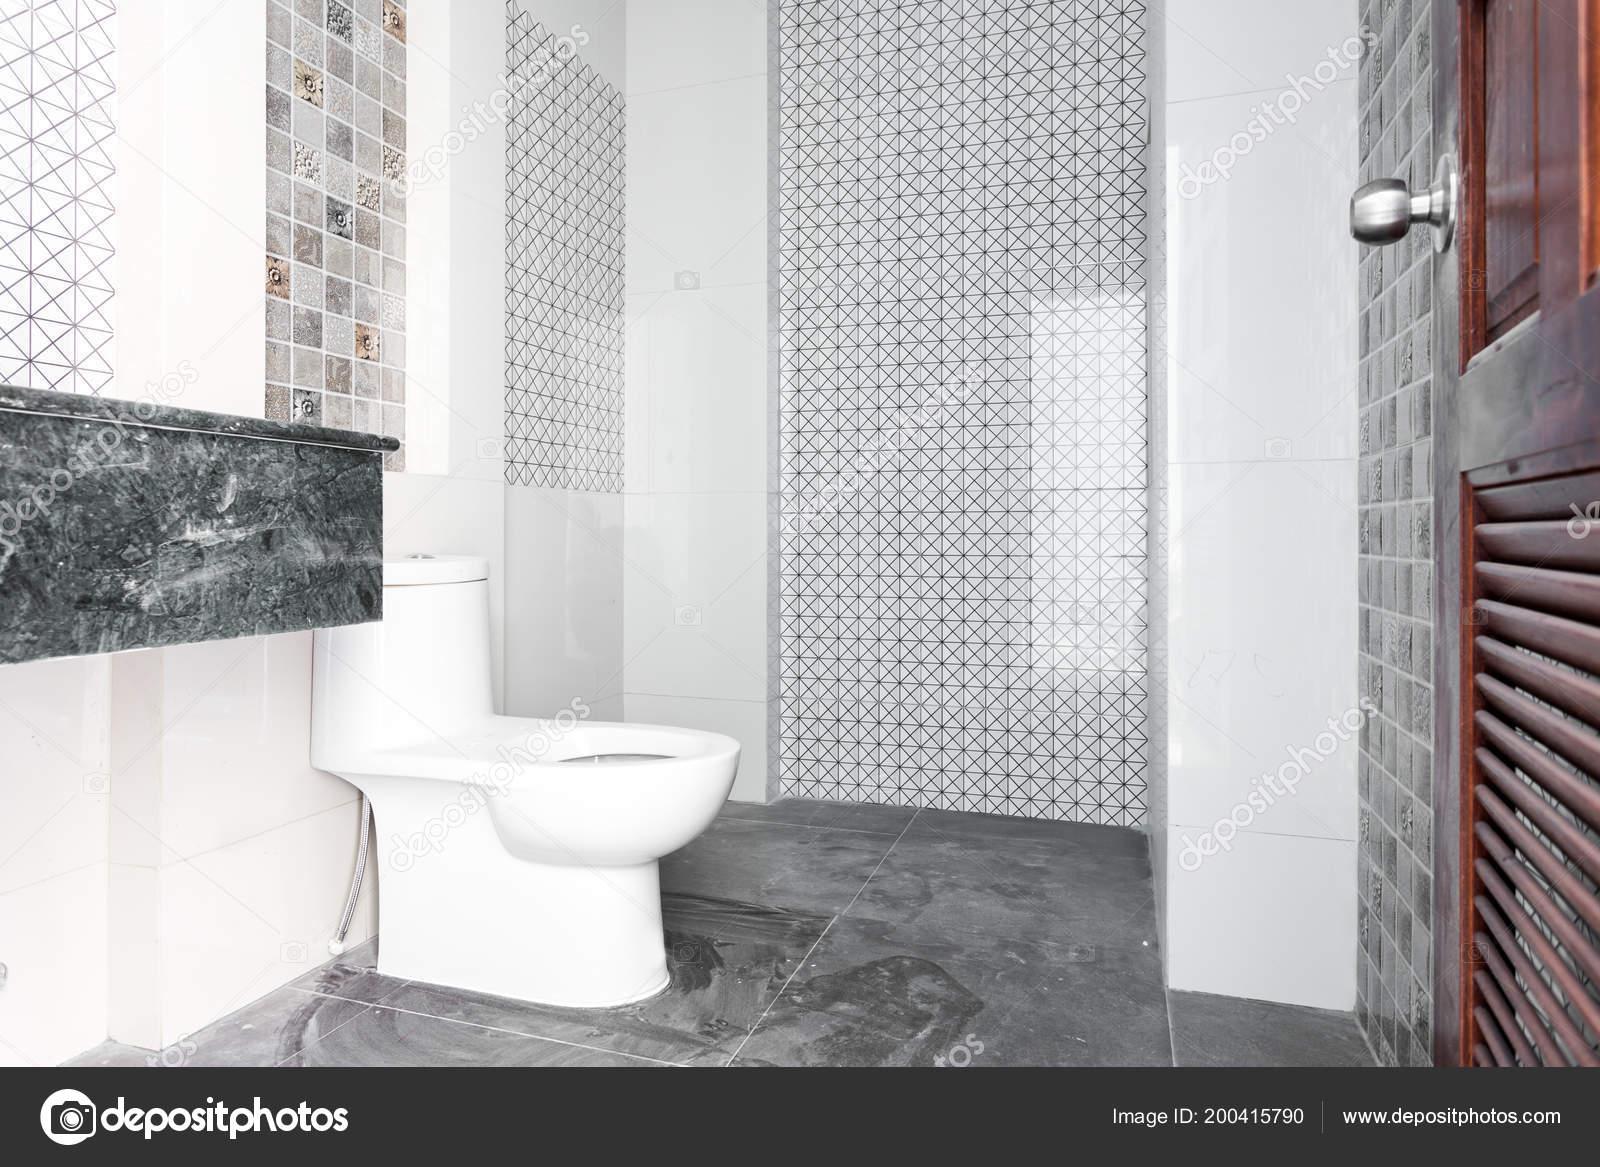 Accueil Salle Bain Design Moderne Blanc Sanitaires Dans Salle Bain ...